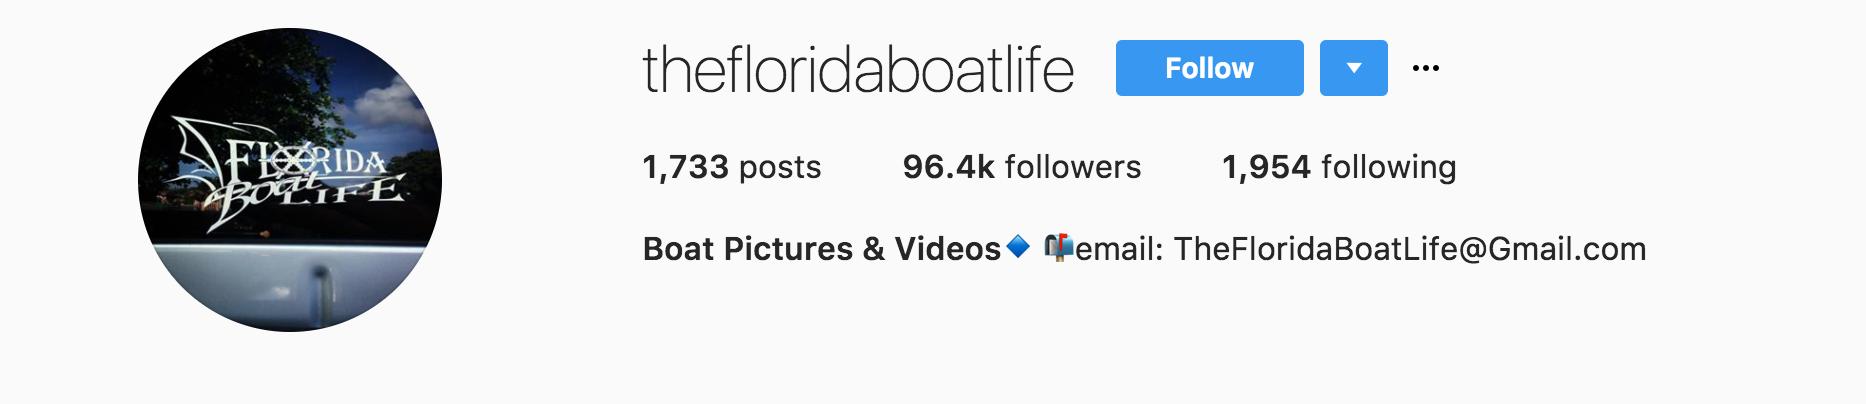 Florida Boatlife Instagram